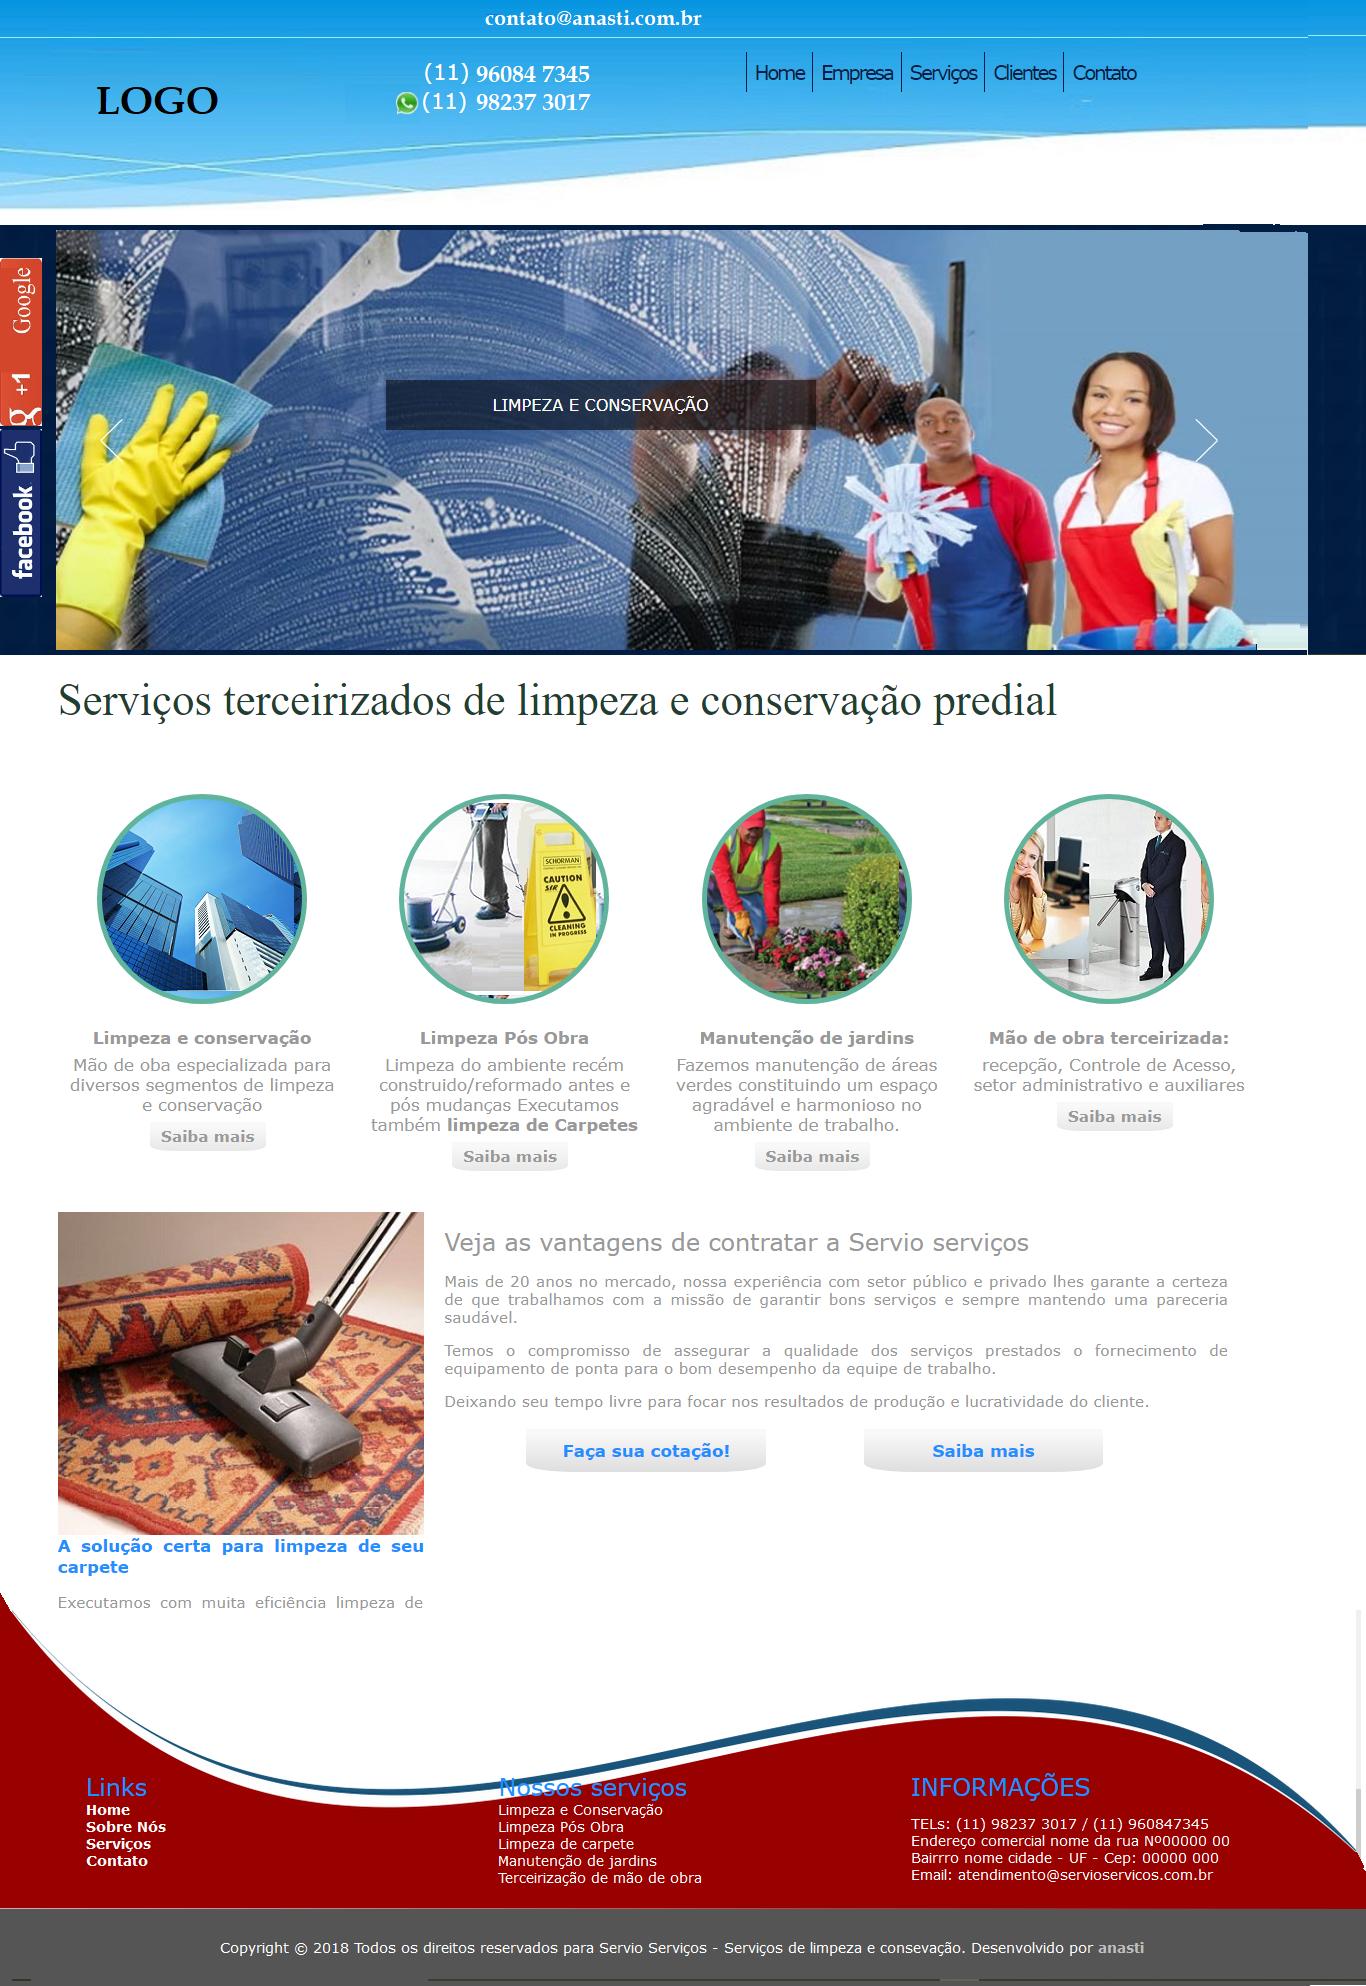 Modelo de sites para terceirização de portaria e limpeza